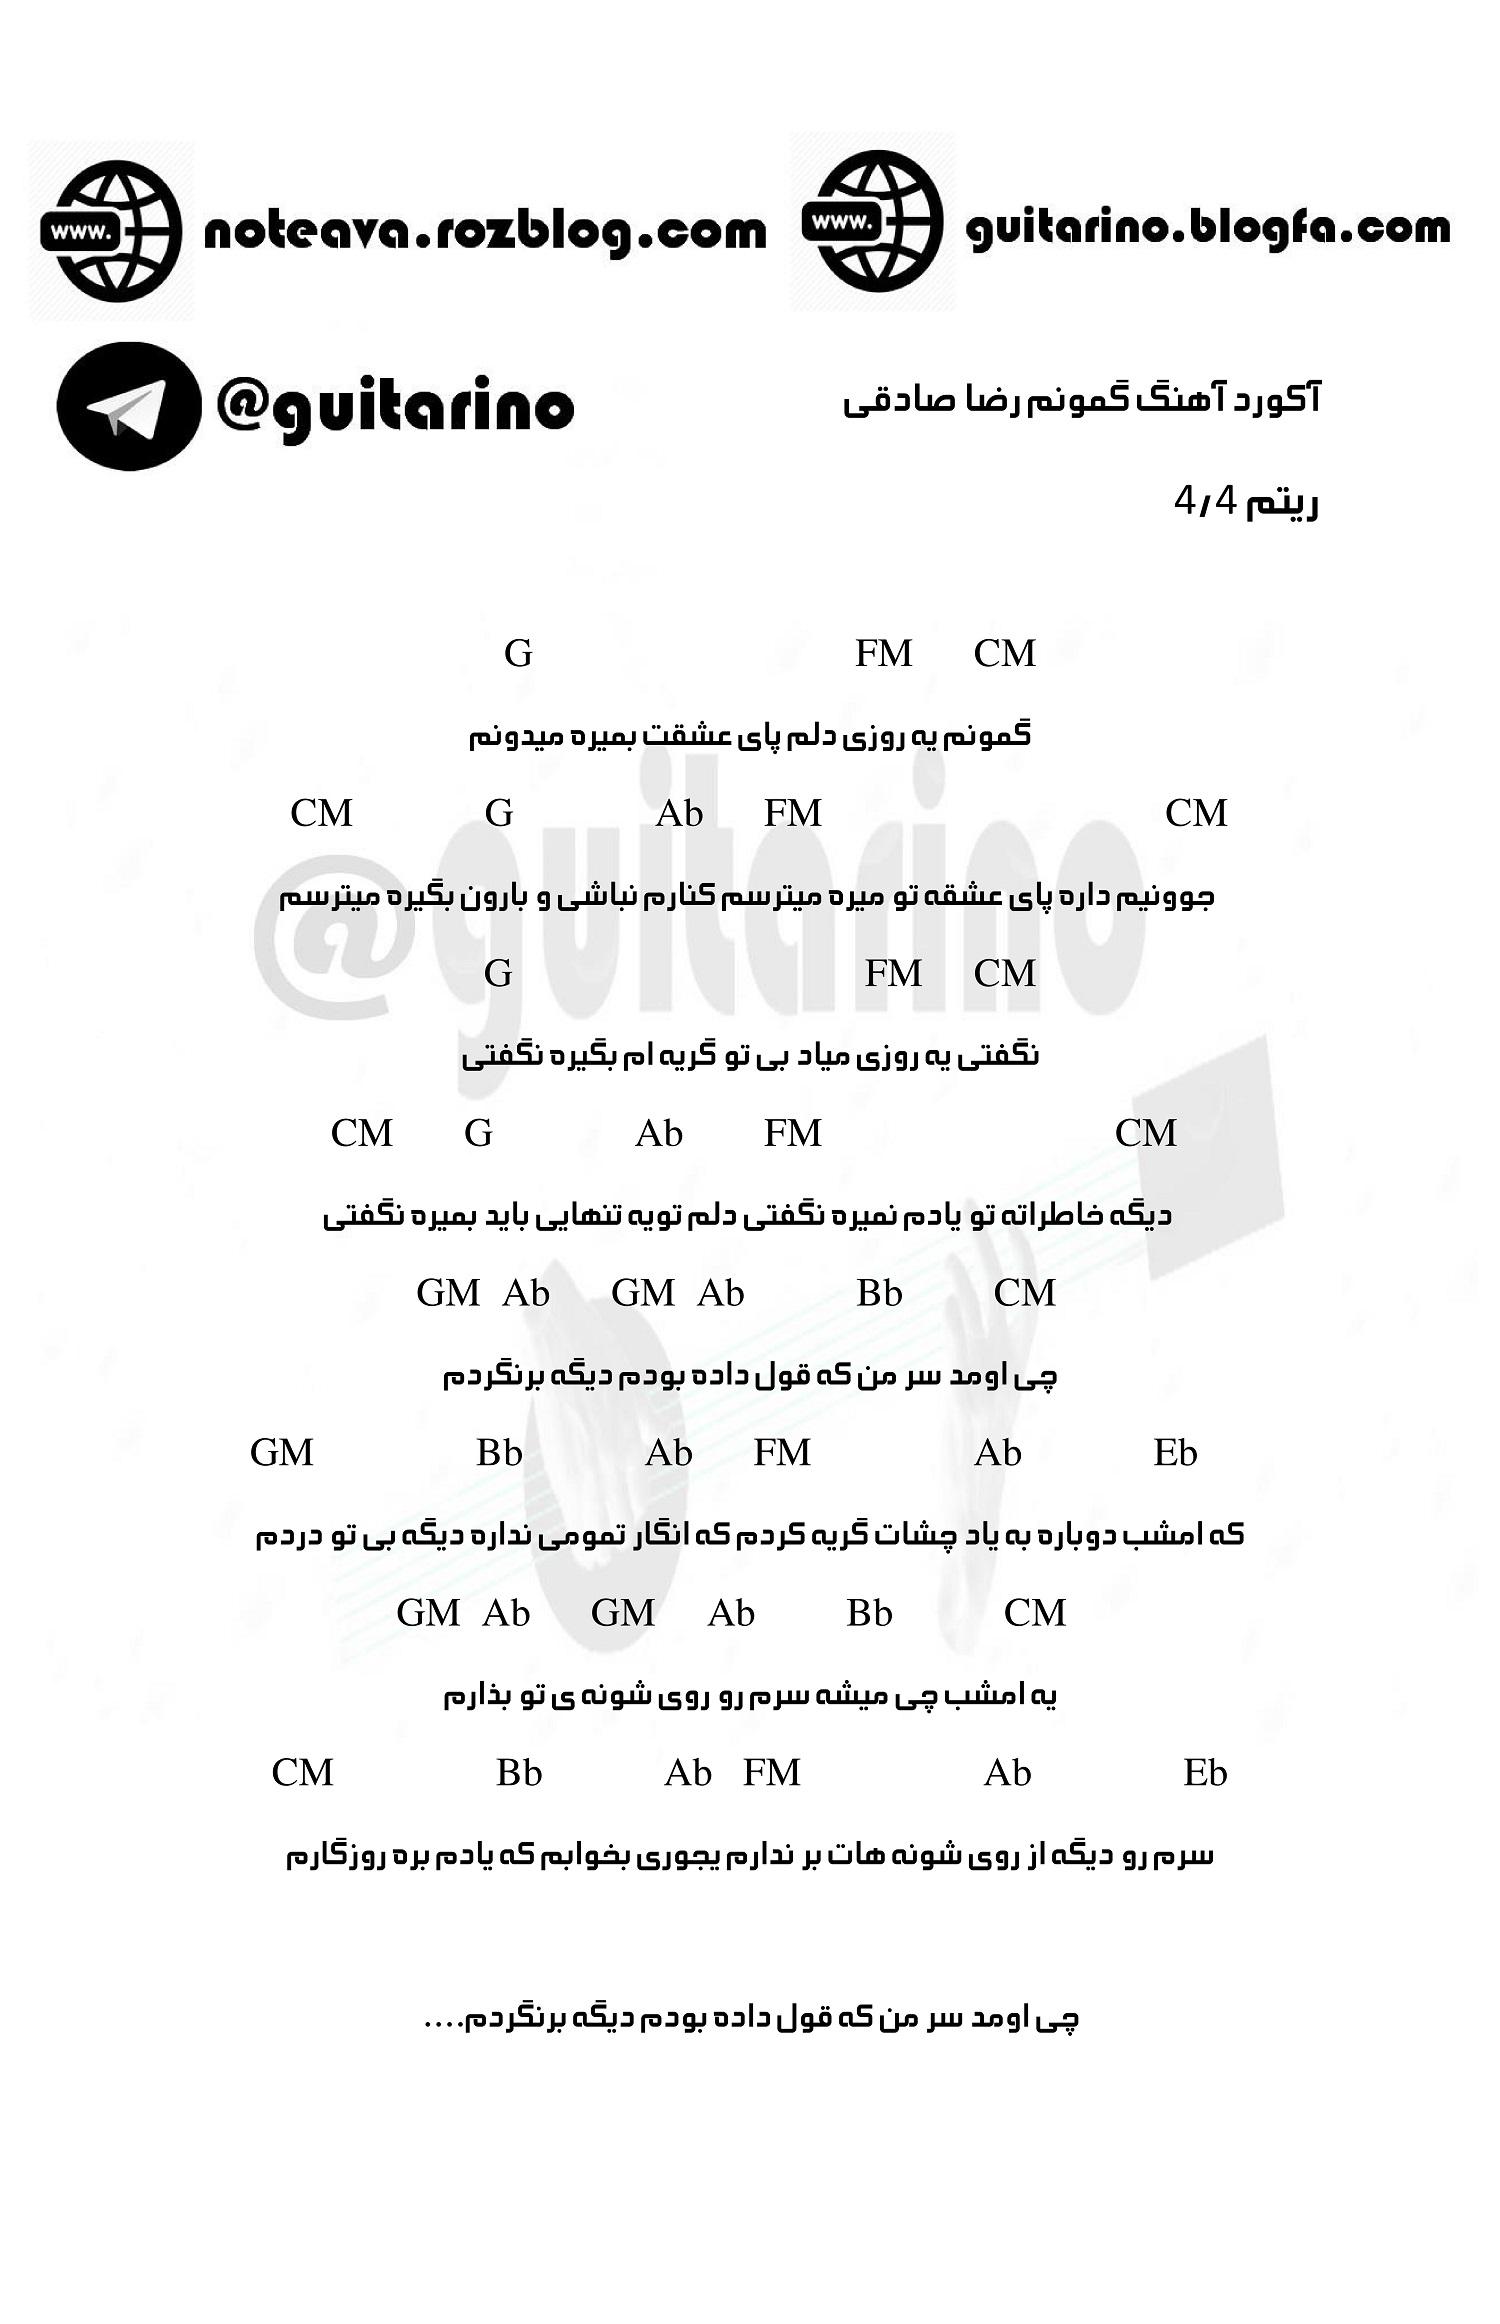 آکورد آهنگ گمونم رضا صادقی